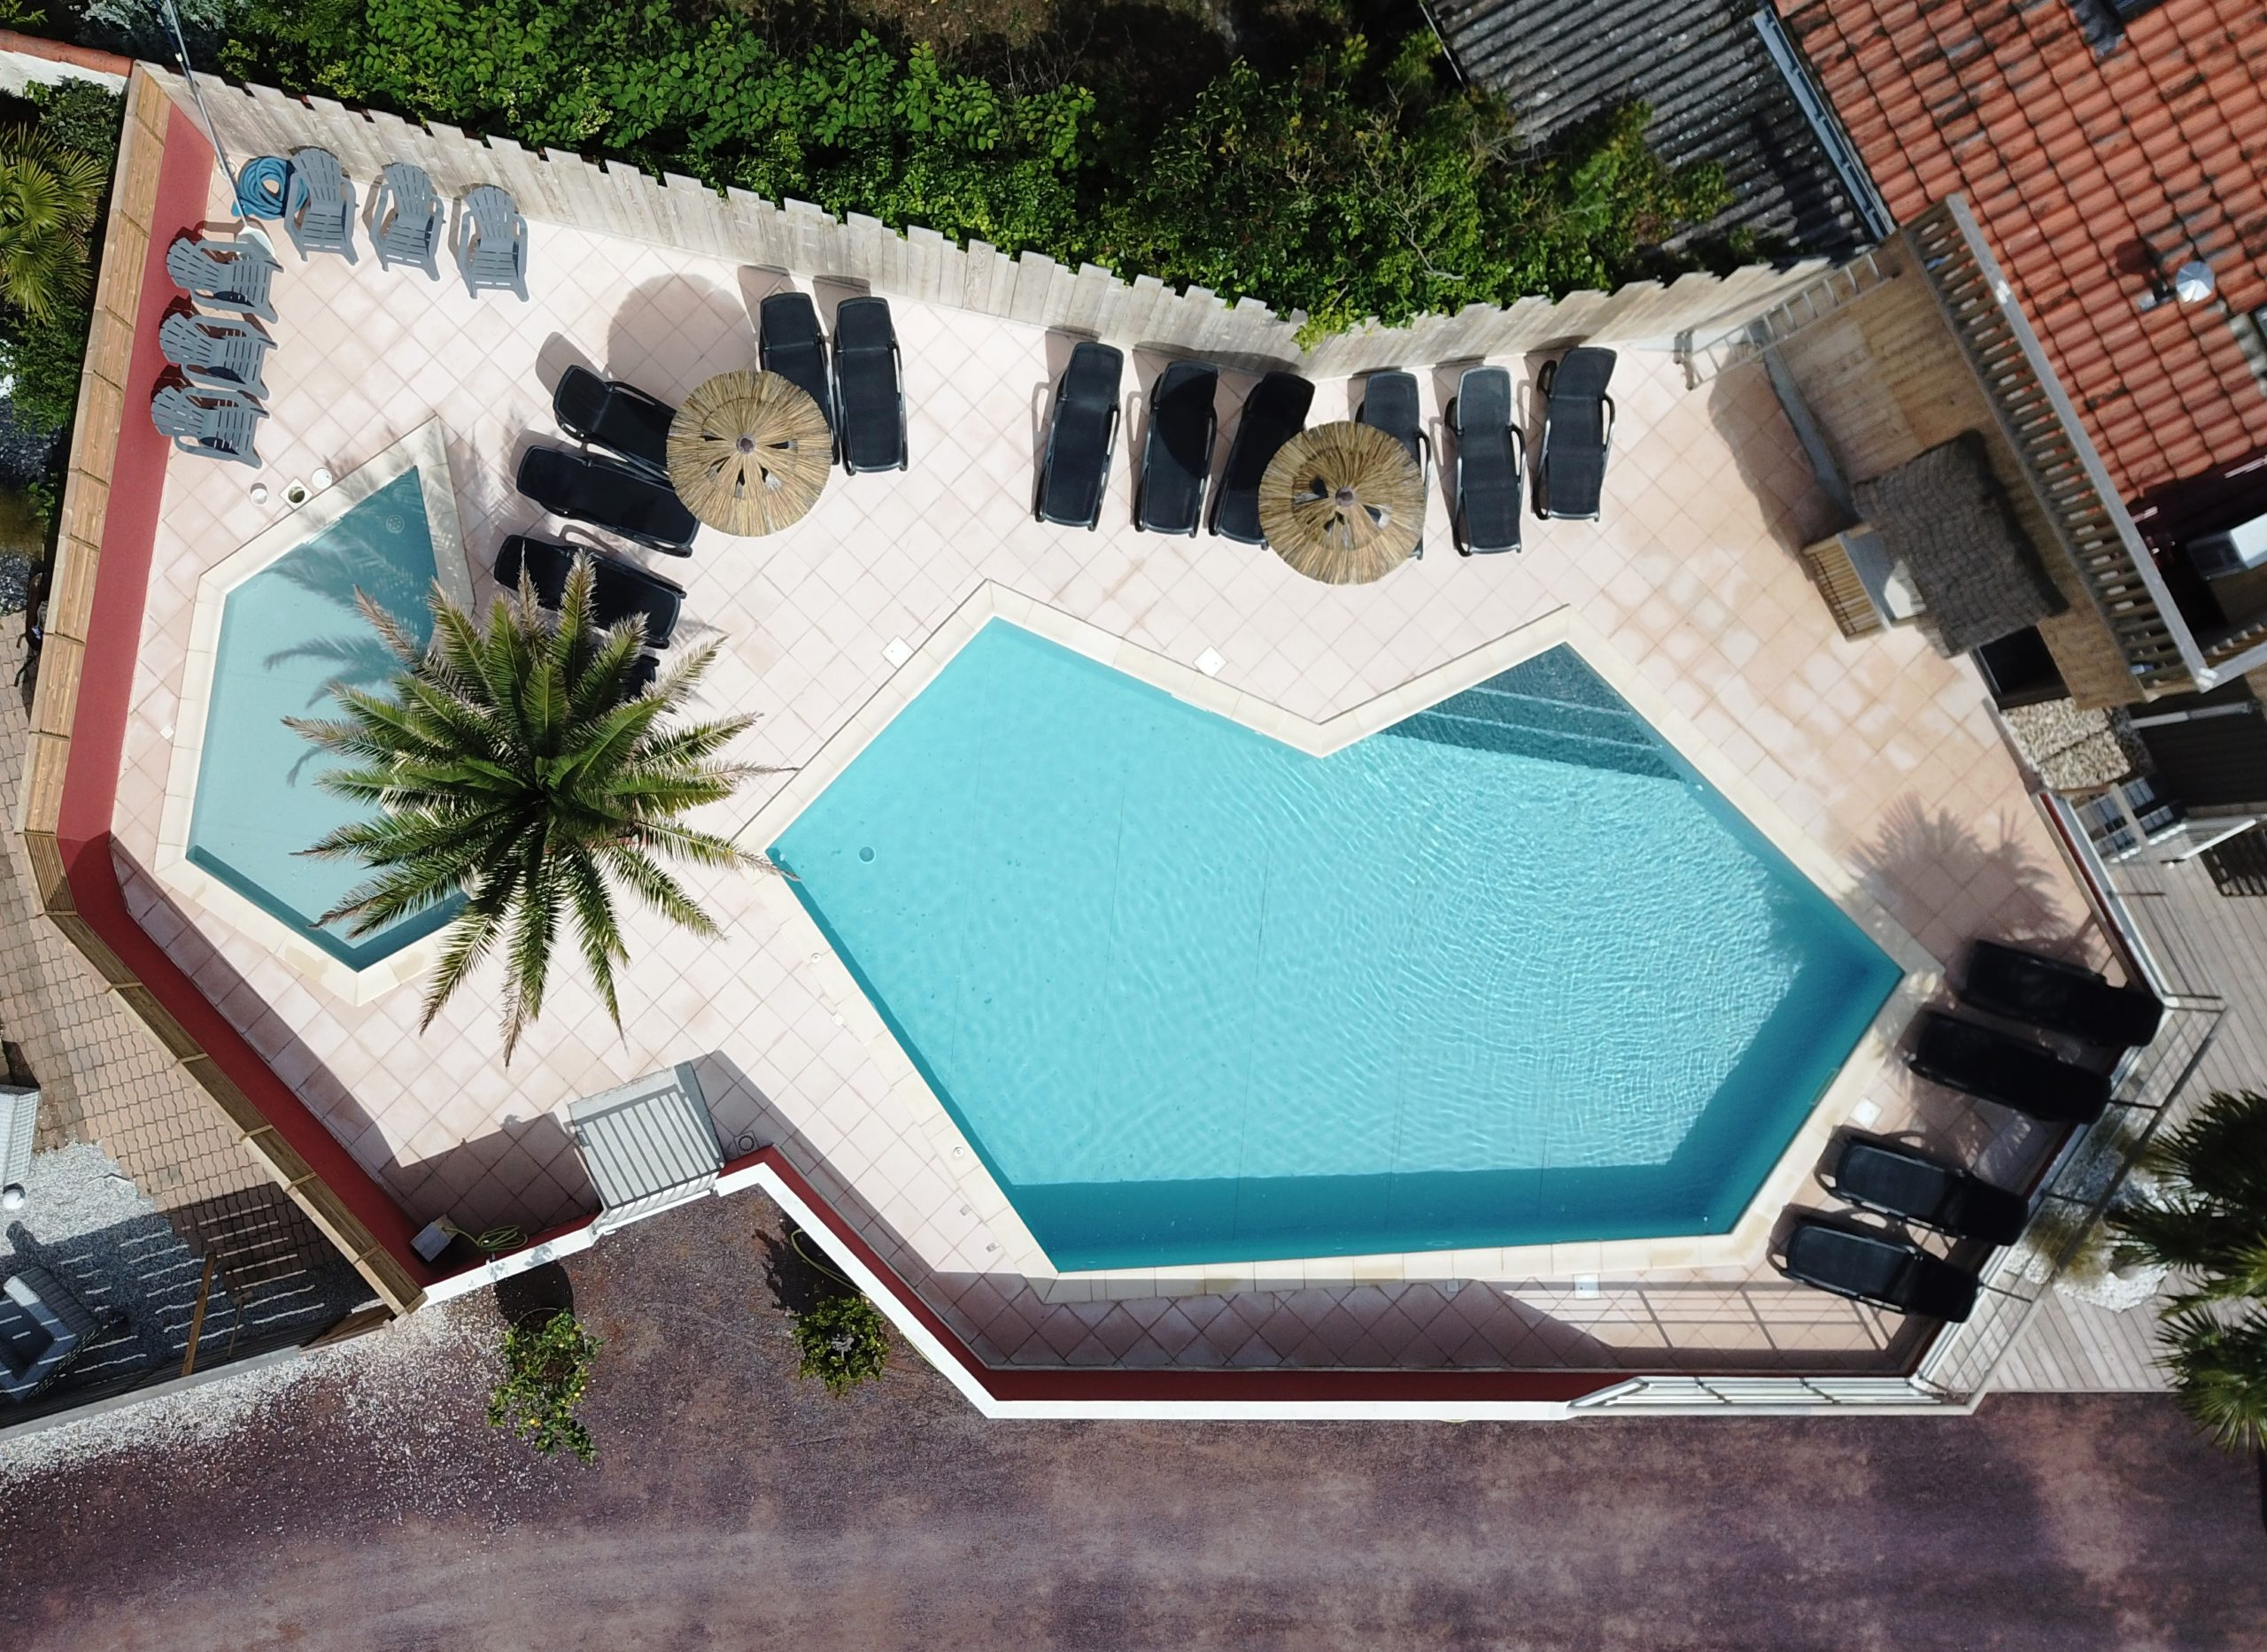 piscine chauffée vue aérienne